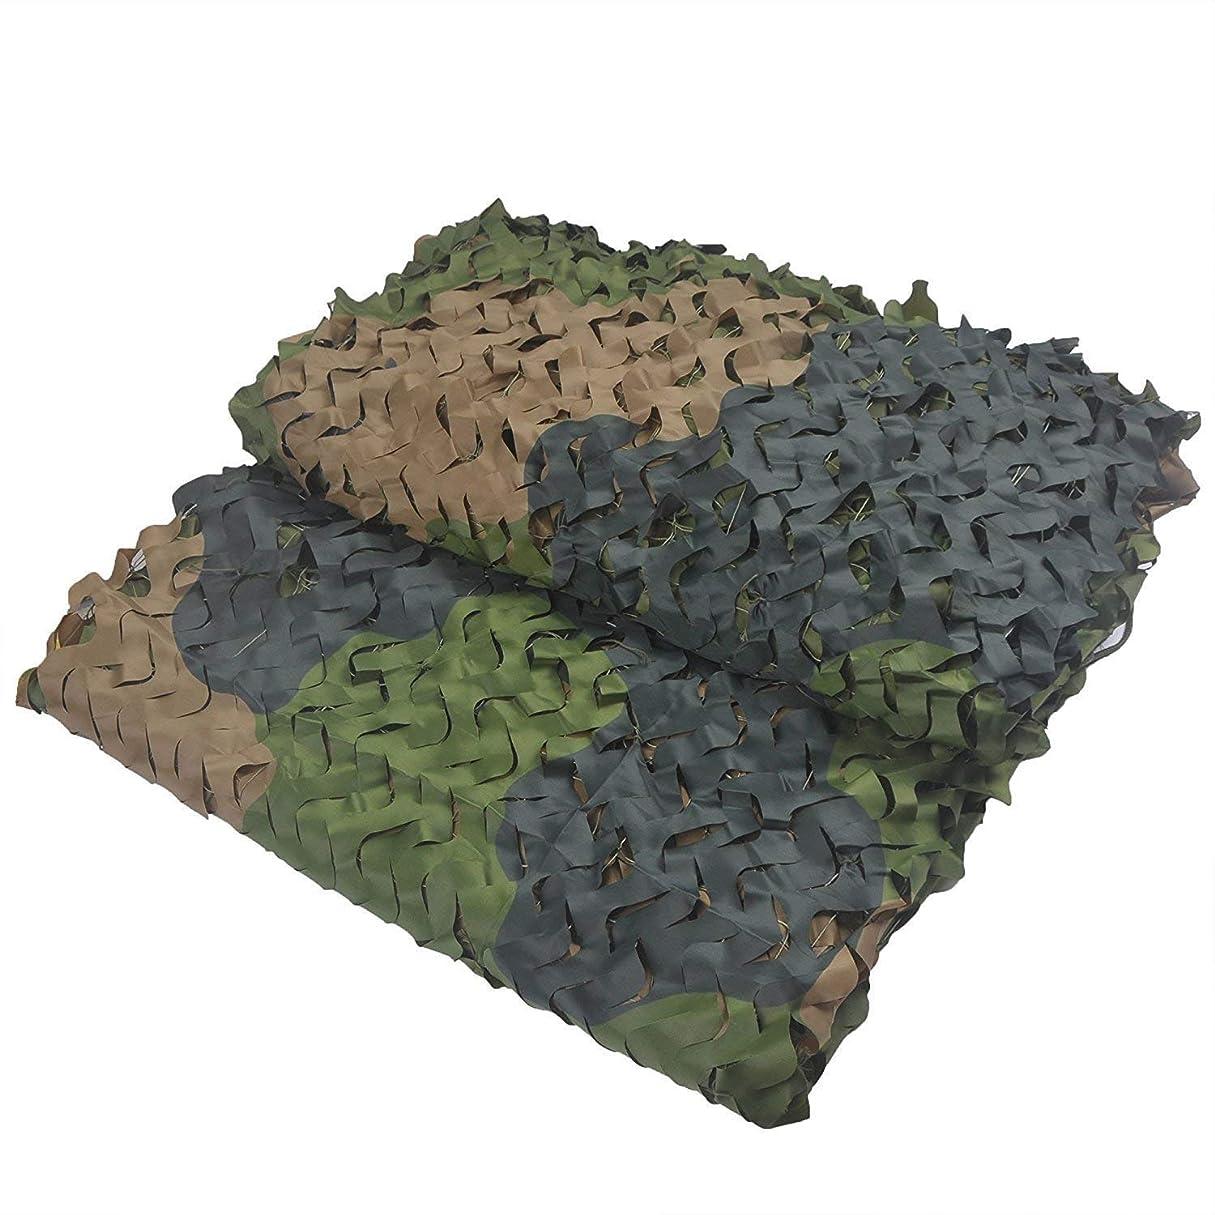 直径ラッドヤードキップリング虫迷彩ネット日焼け止めネット迷彩防水シート、子供たちが遊ぶ軍事軍事サンシェード狩猟屋外キャンプテントカバー車の庭の装飾3×4メートルマルチサイズオプション (Size : 10*10M(32.8*32ft))